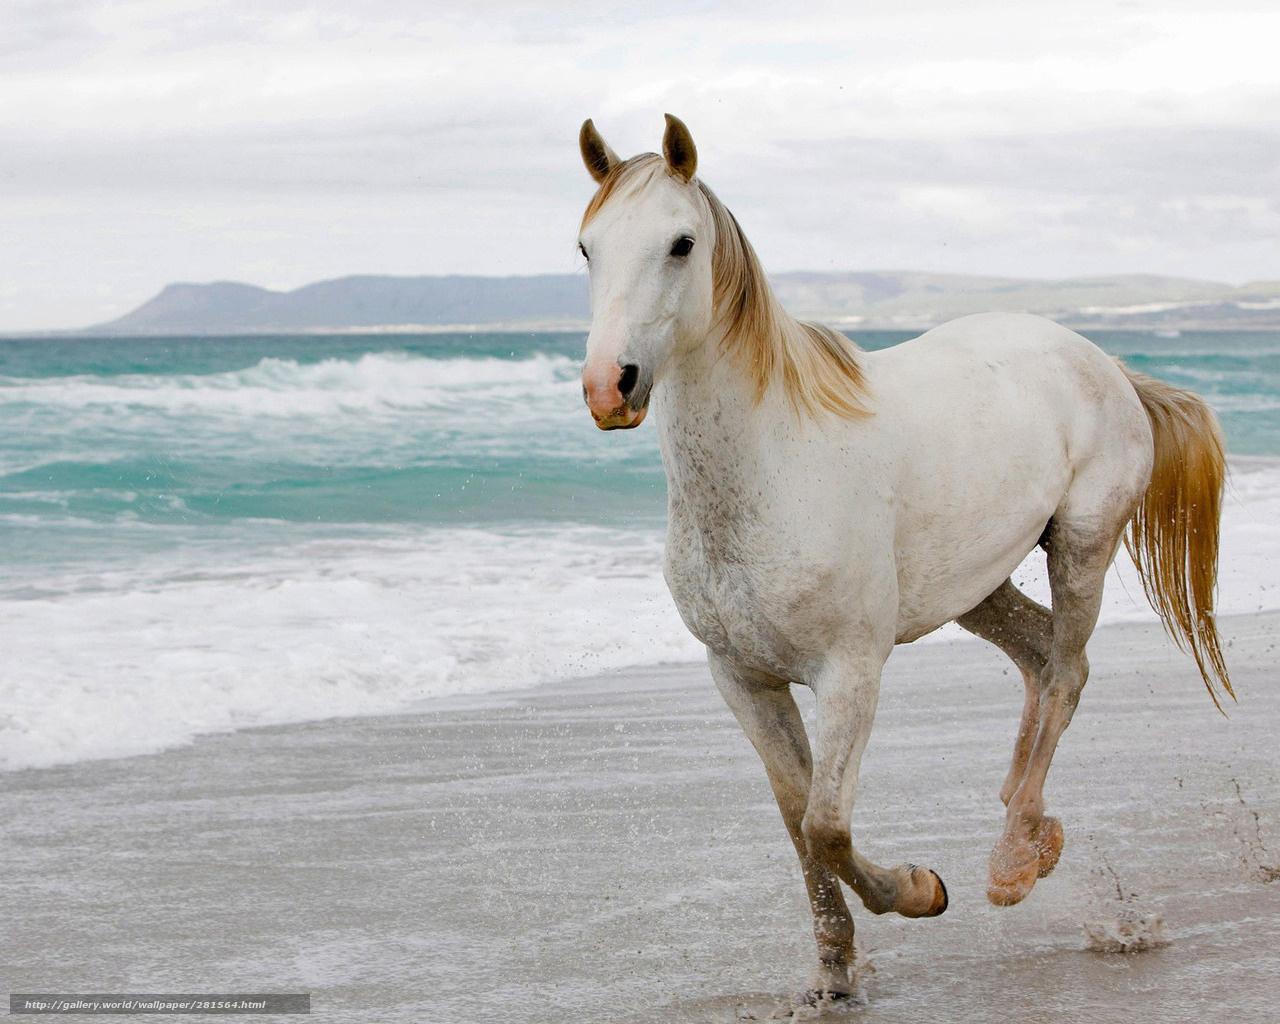 Scaricare gli sfondi mare spiaggia cavallo corre sfondi for Sfondi cavalli gratis